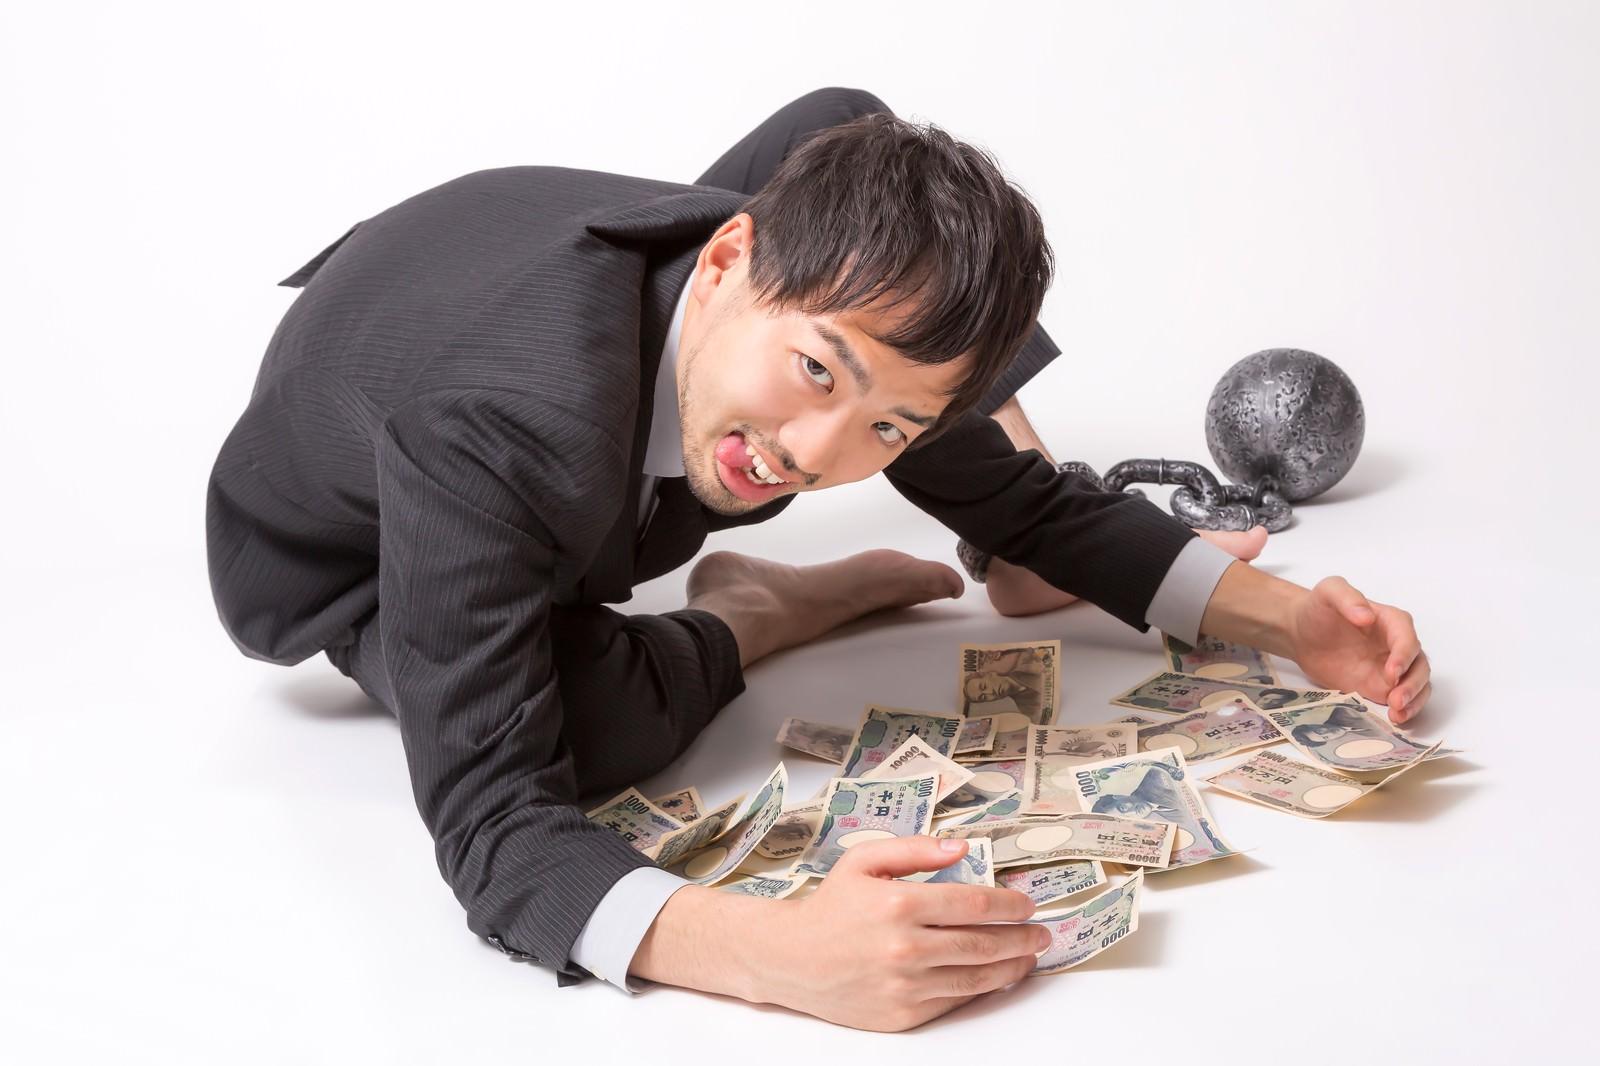 「「金や金や!」っとお札を集めるブラック企業に勤務する会社員」の写真[モデル:ひろゆき]